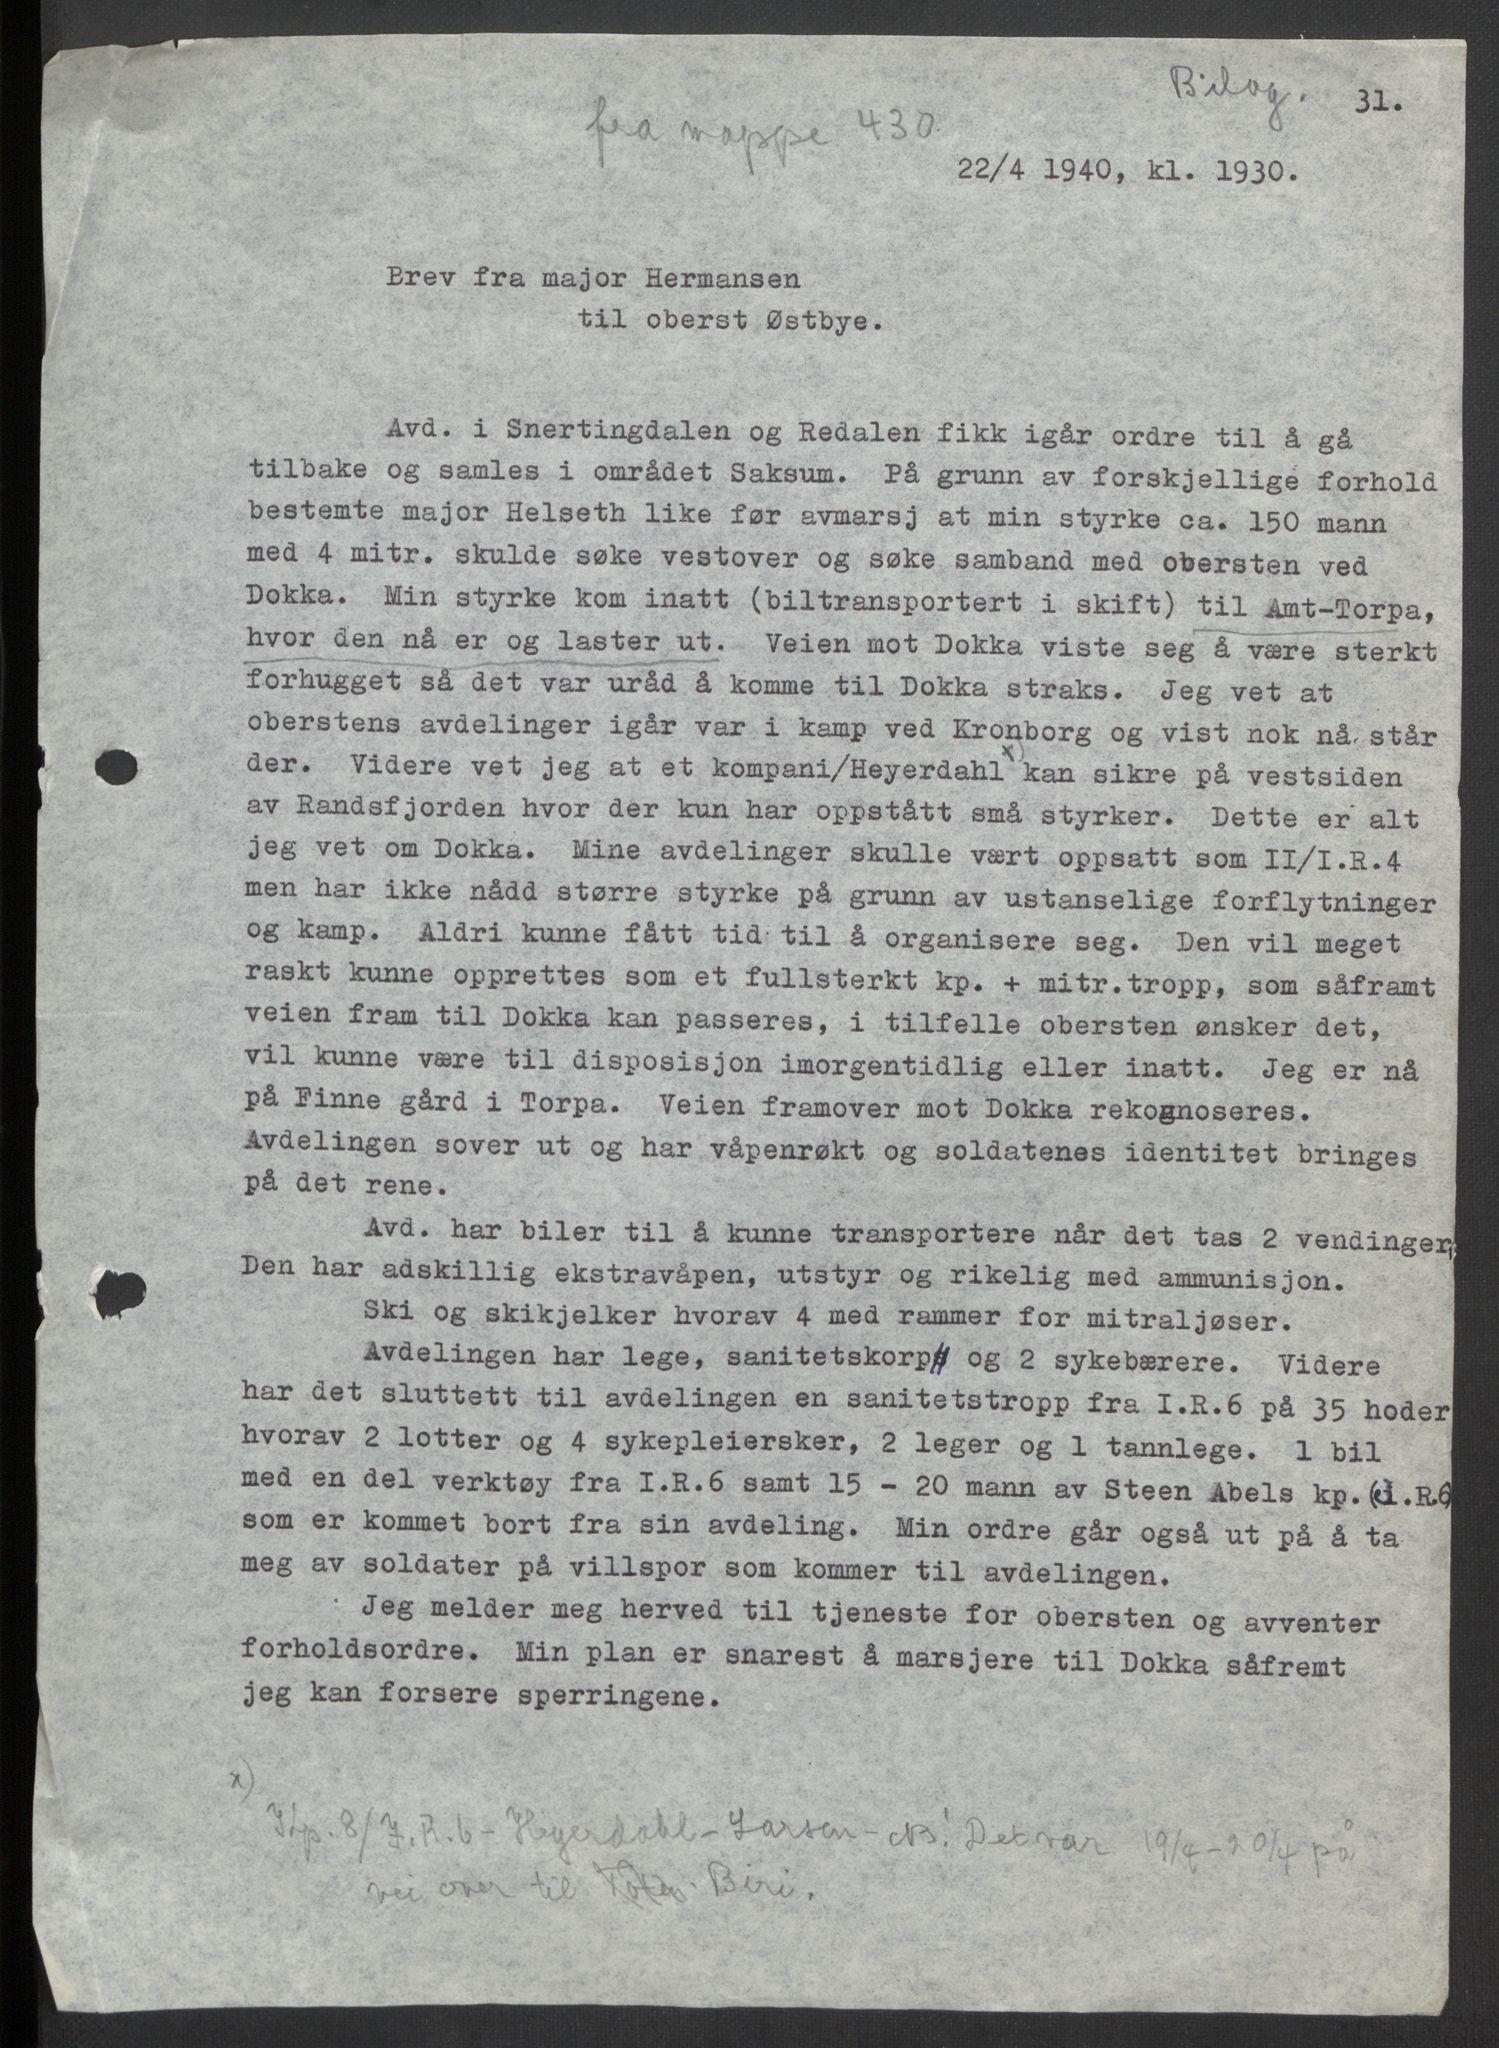 RA, Forsvaret, Forsvarets krigshistoriske avdeling, Y/Yb/L0104: II-C-11-430  -  4. Divisjon., 1940, s. 271